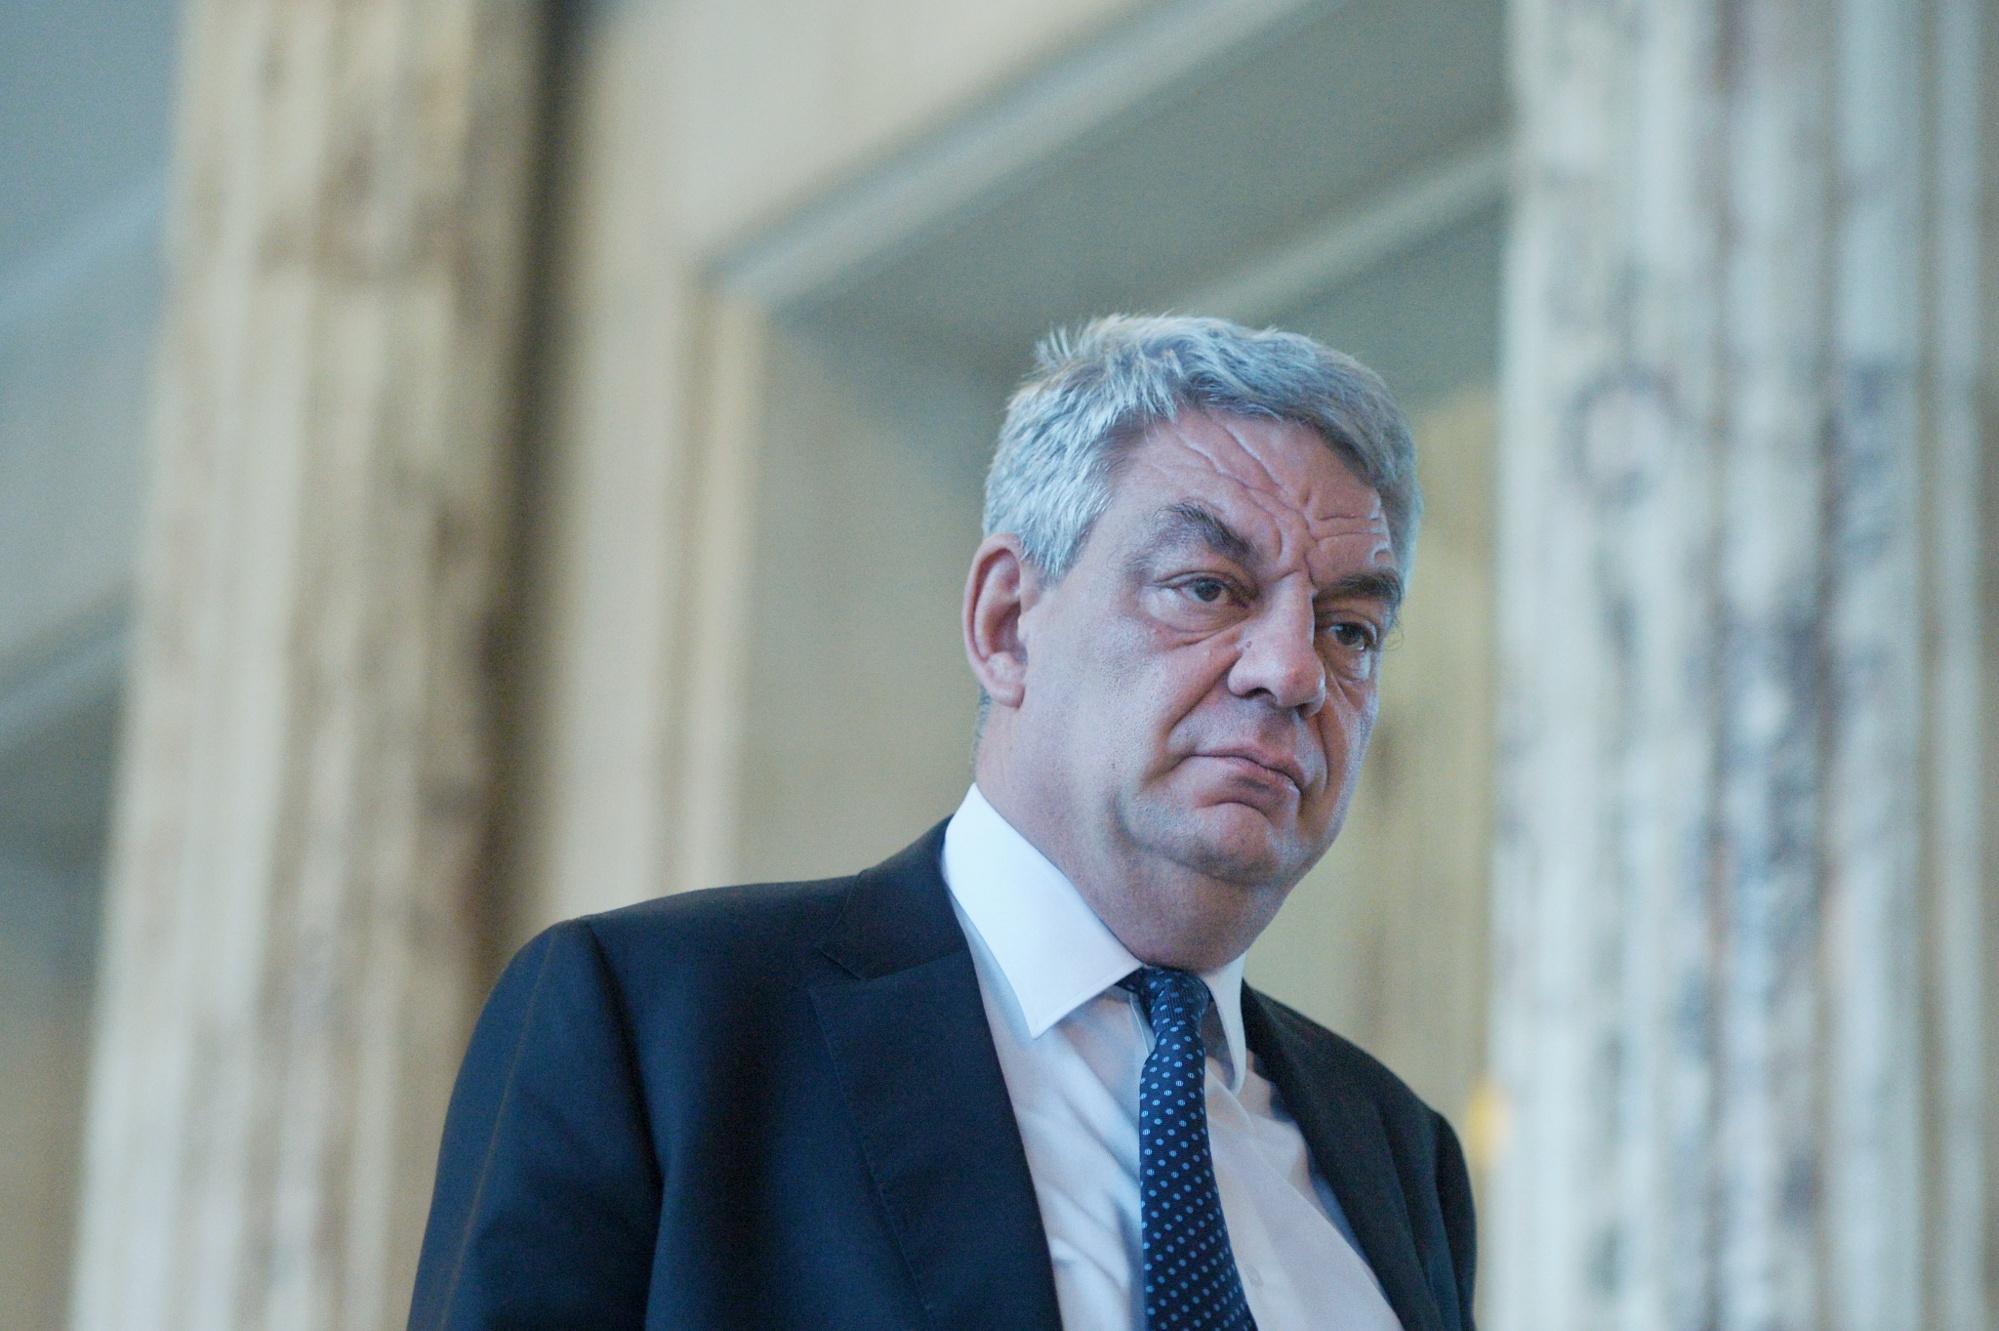 CEx PSD a votat retragerea sprijinului politic pentru Guvern | Liviu Dragnea, declaraţii de presă după şedinţă. Ce reproşuri îi aduce lui Tudose: Starea conflictuală PSD - Guvern şi apariţiile tv/ Demisia lui Tudose va ajunge marţi la Administraţia Prezidenţială